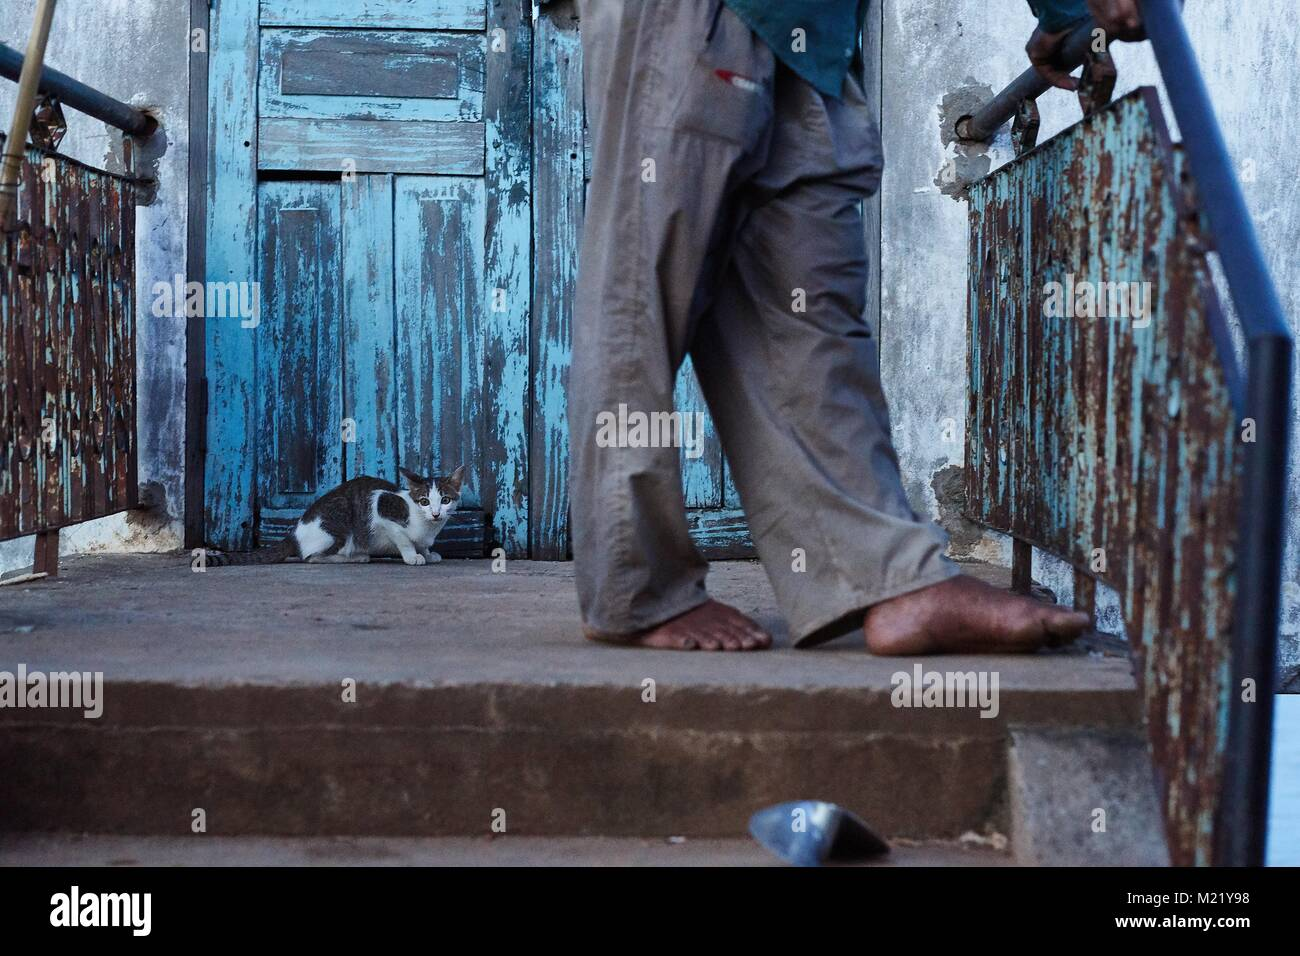 Black cat on door step behind human feet, Kompong Chhnang, Cambodia - Stock Image